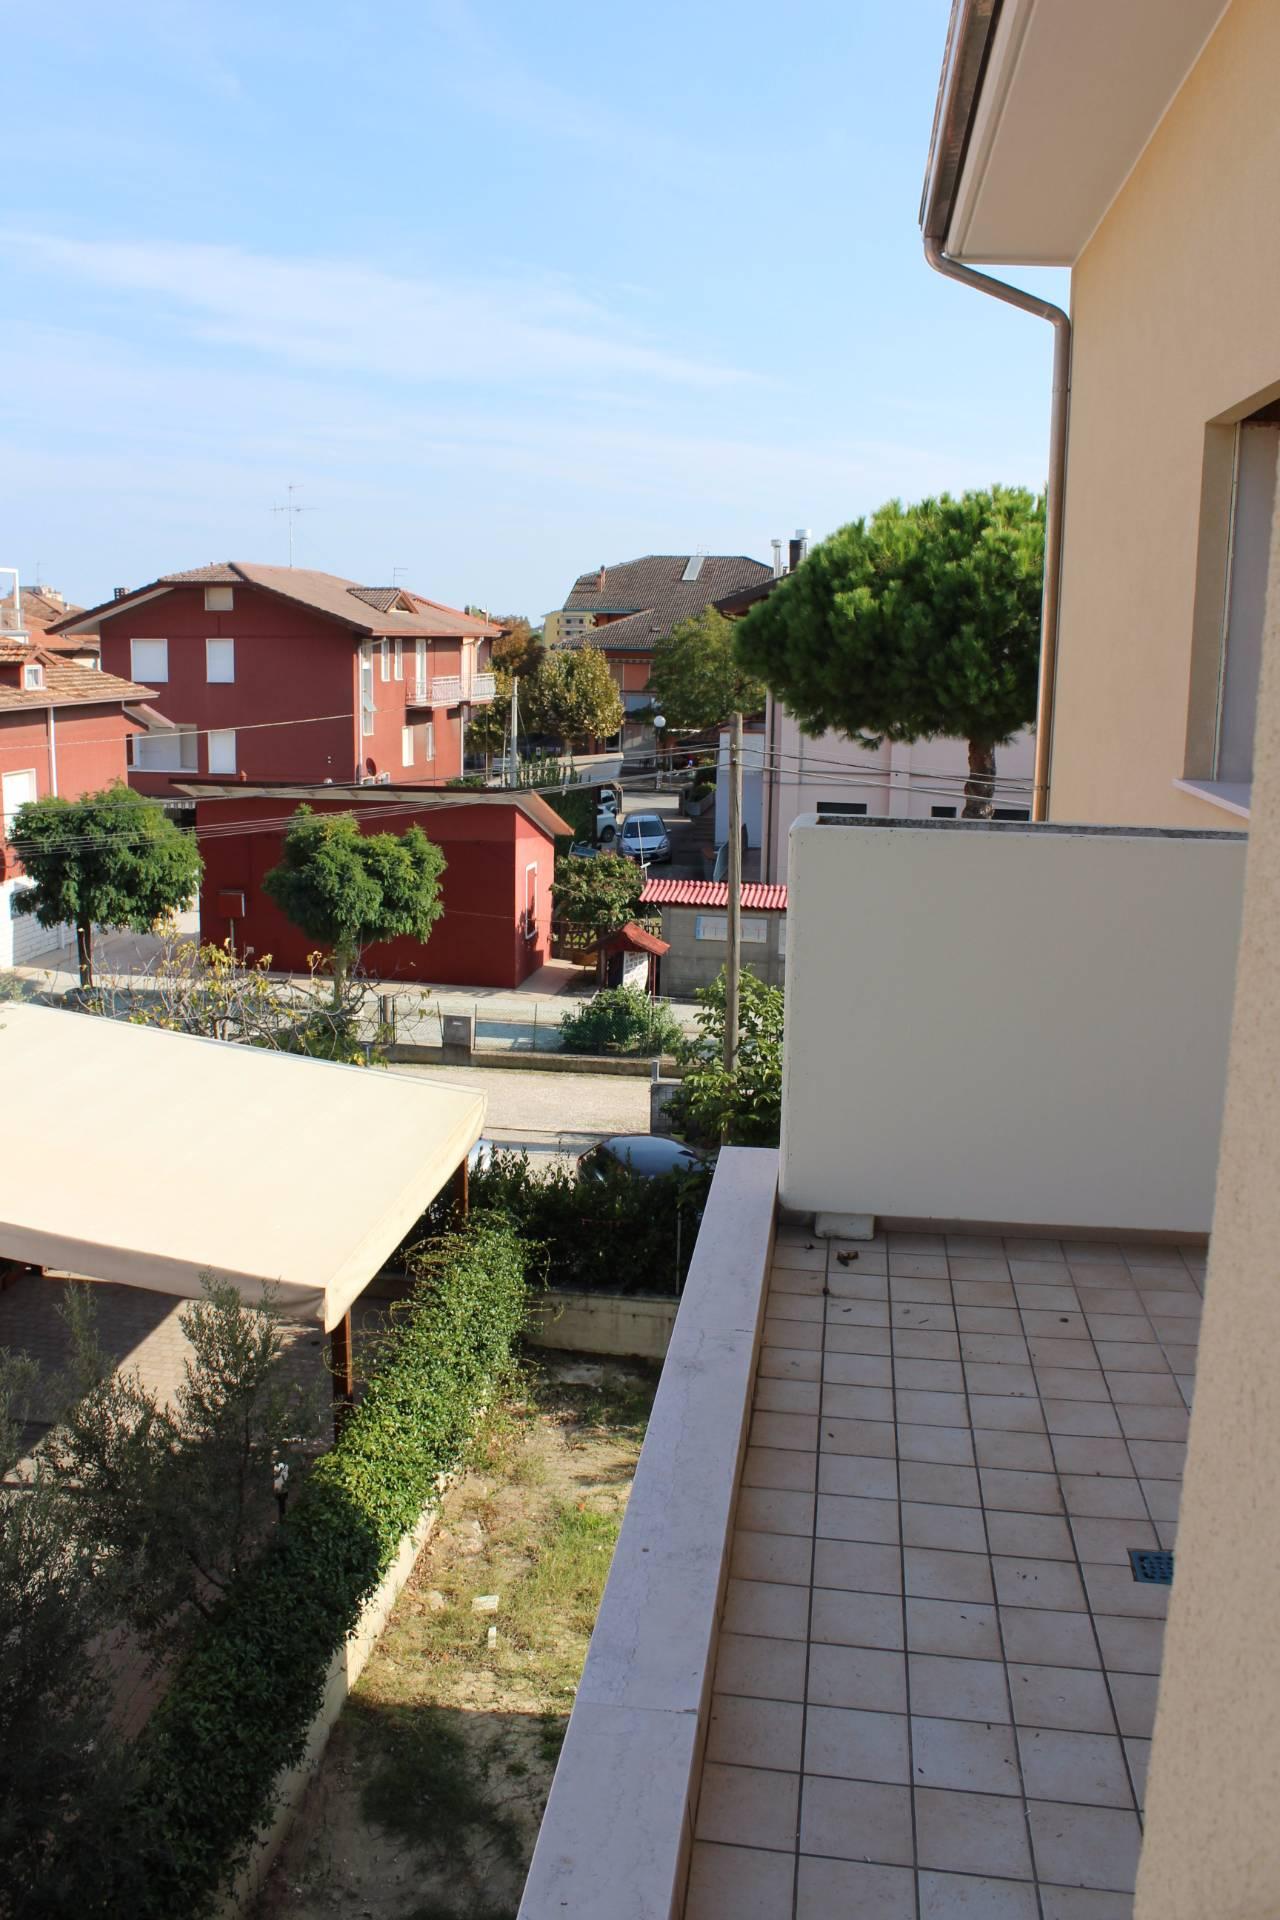 Appartamento in vendita a Cesenatico, 3 locali, zona Zona: Villamarina, prezzo € 225.000 | CambioCasa.it